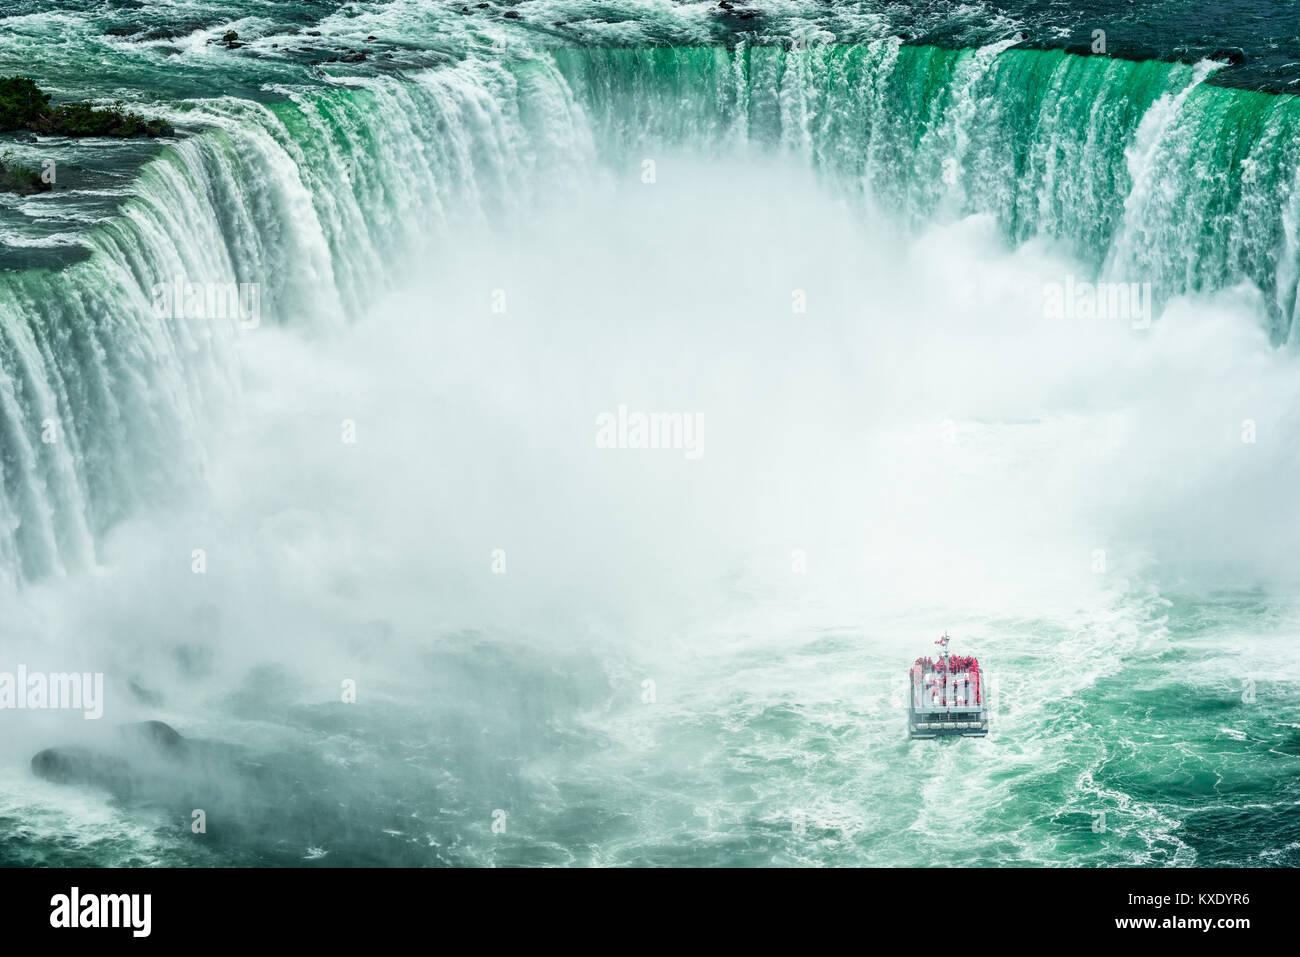 Angolo di alta vista sulla nave passeggeri avvicinando le Cascate del Niagara, visto dal lato canadese Immagini Stock